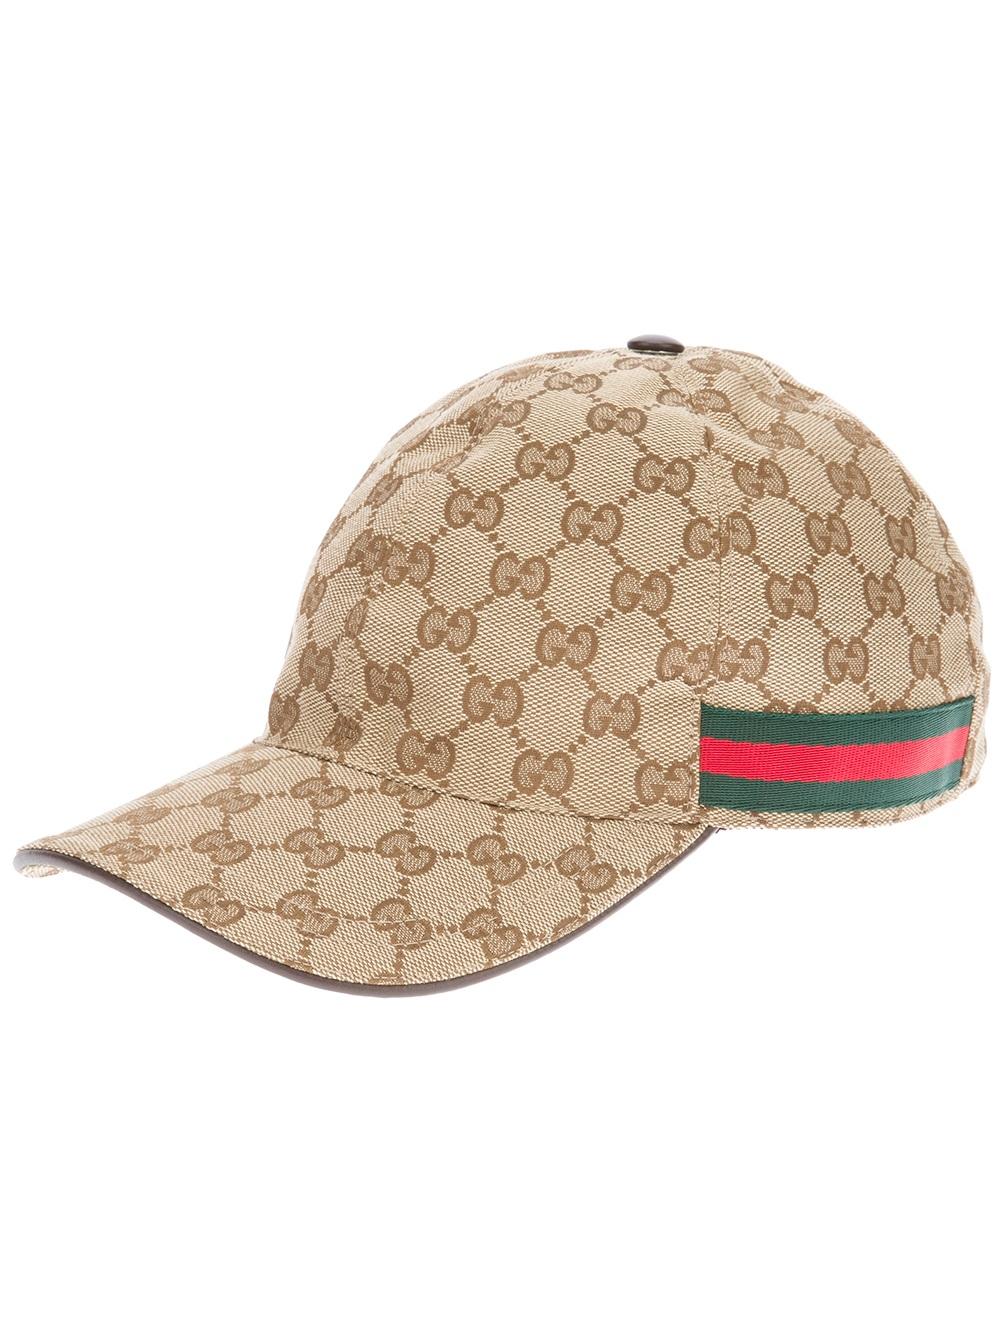 Lyst - Gucci Unisex Emblem Print Cap in Natural for Men 0f4c12c2f0f